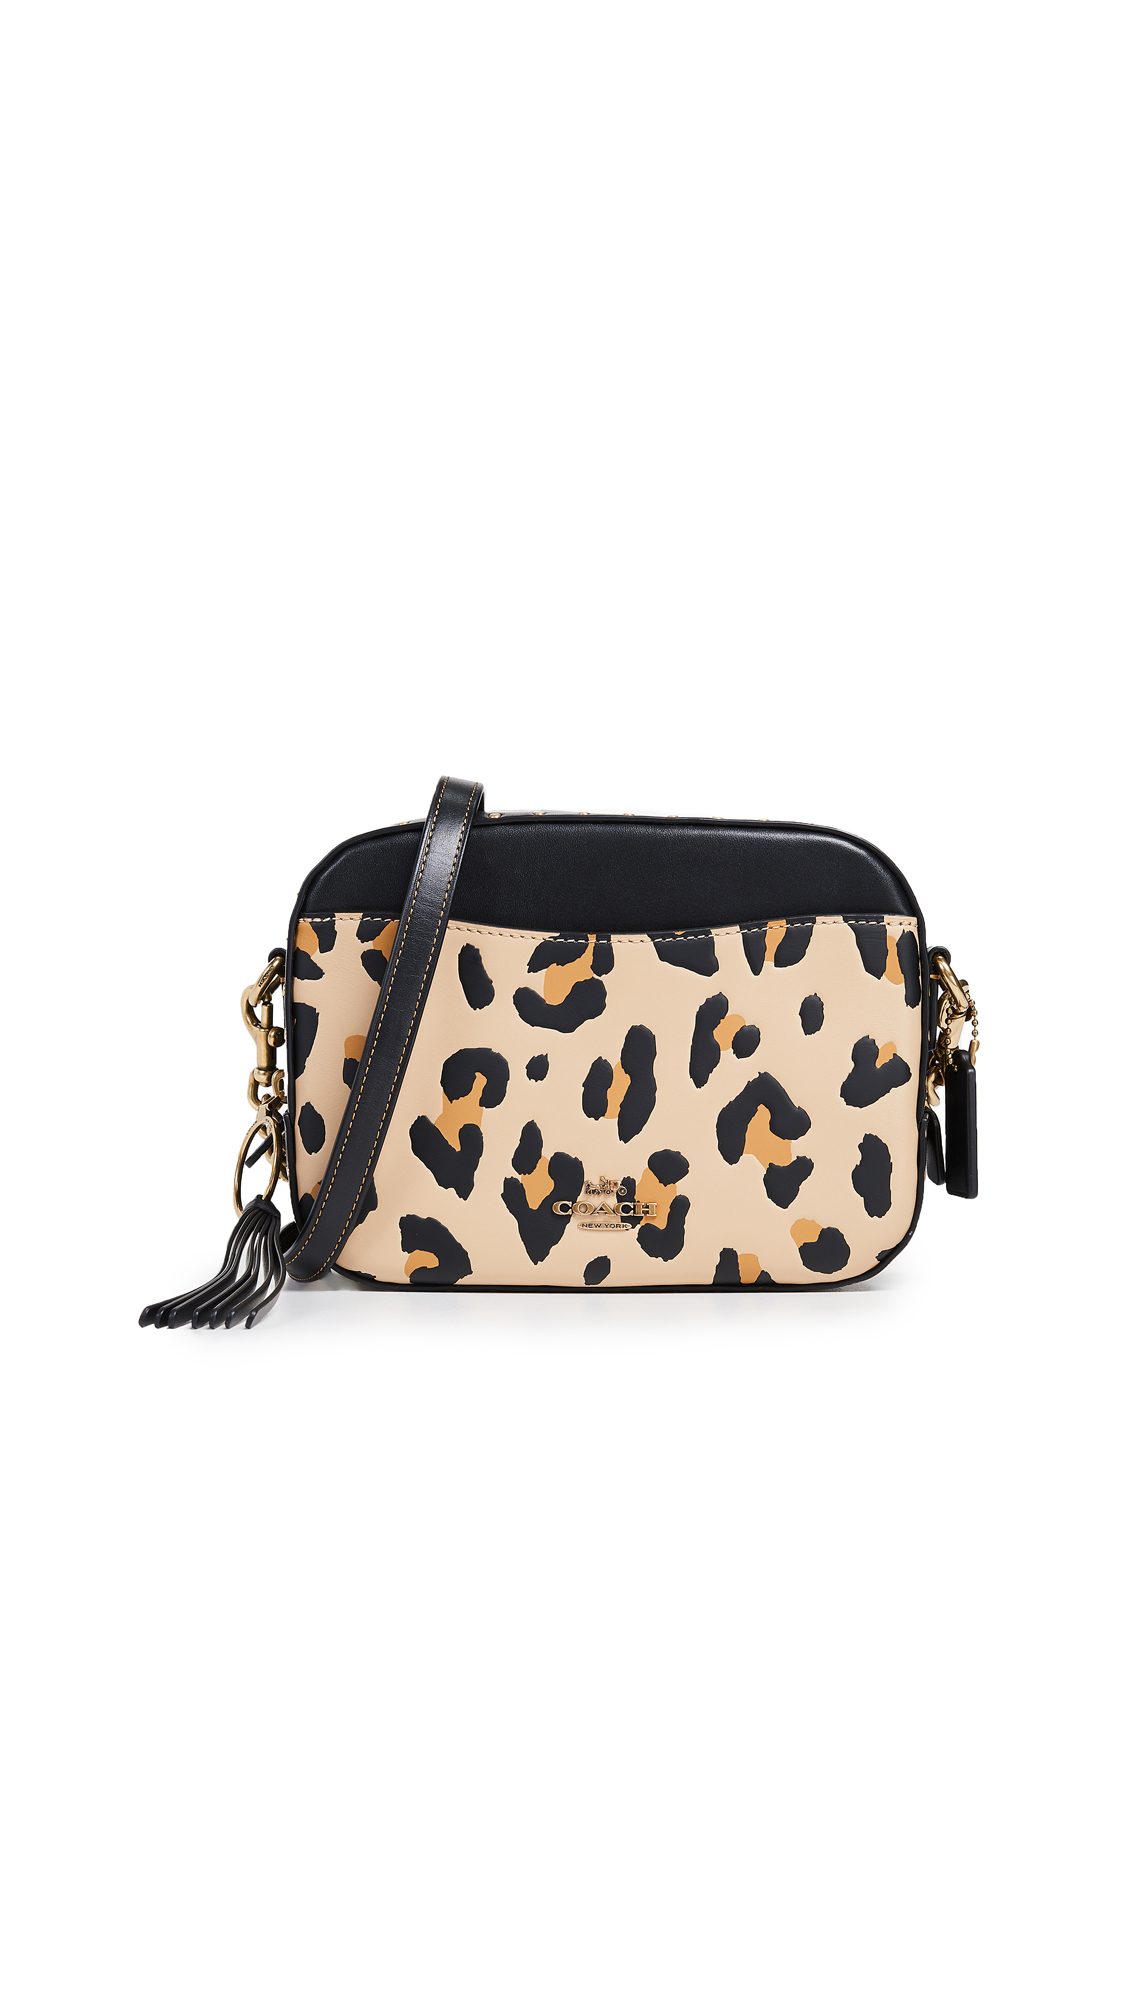 Coach 1941 Leopard Camera Bag